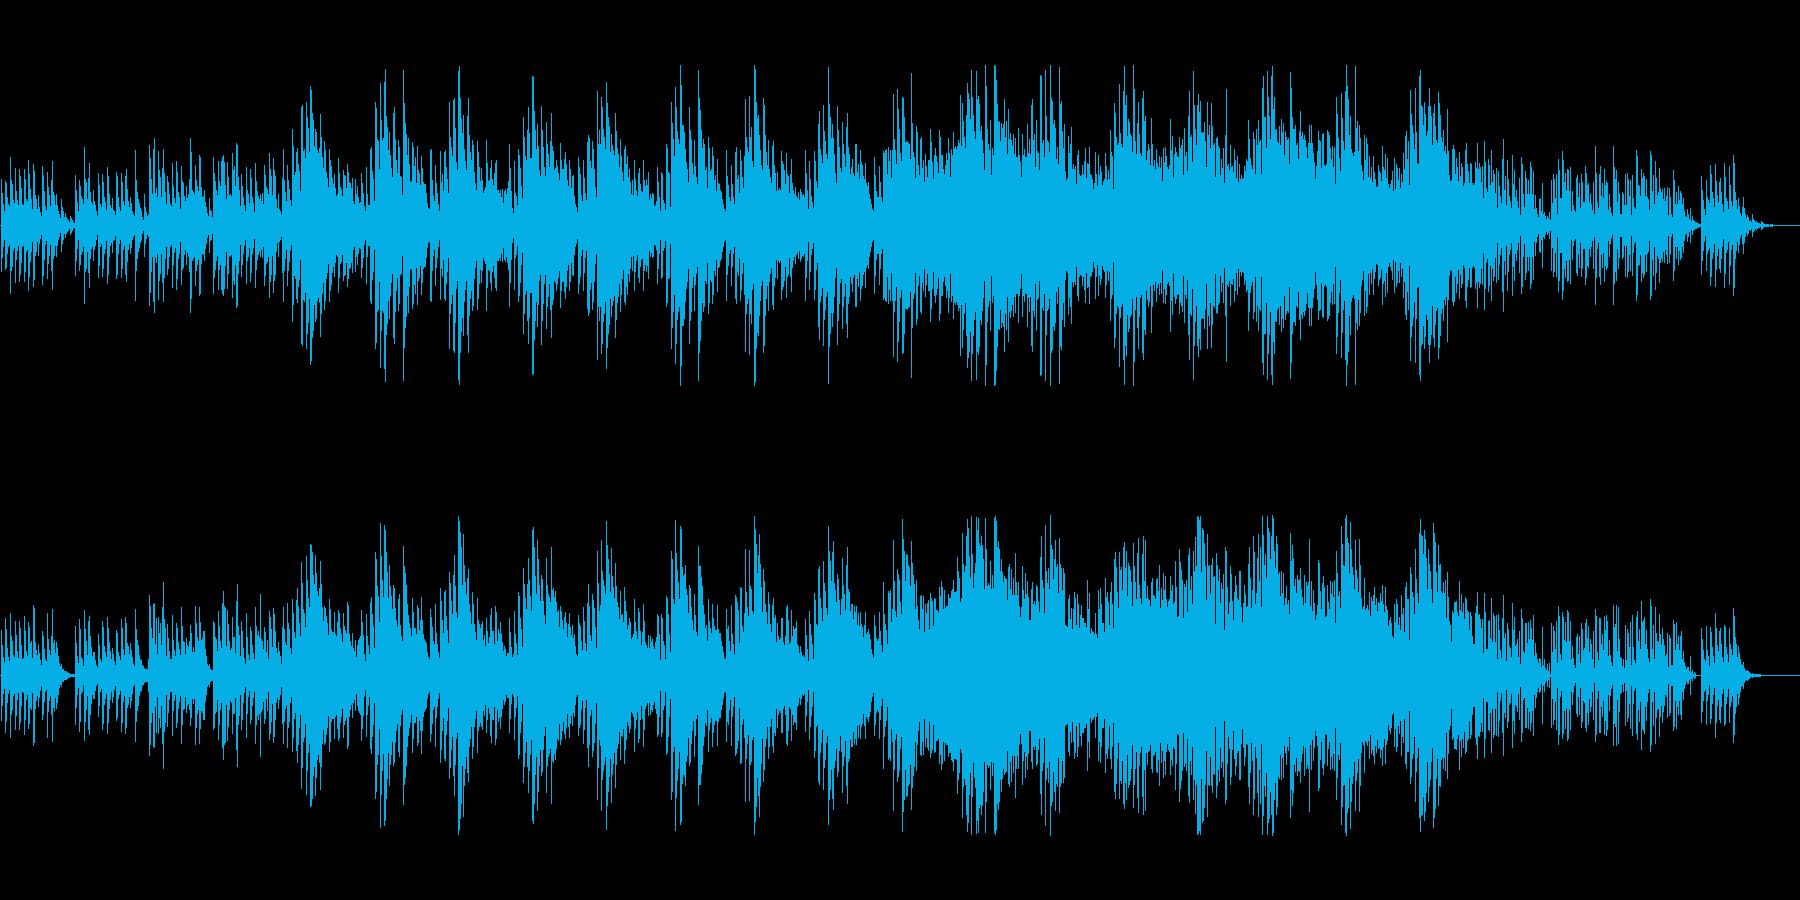 デジタルでプリミティブな独特の世界の再生済みの波形